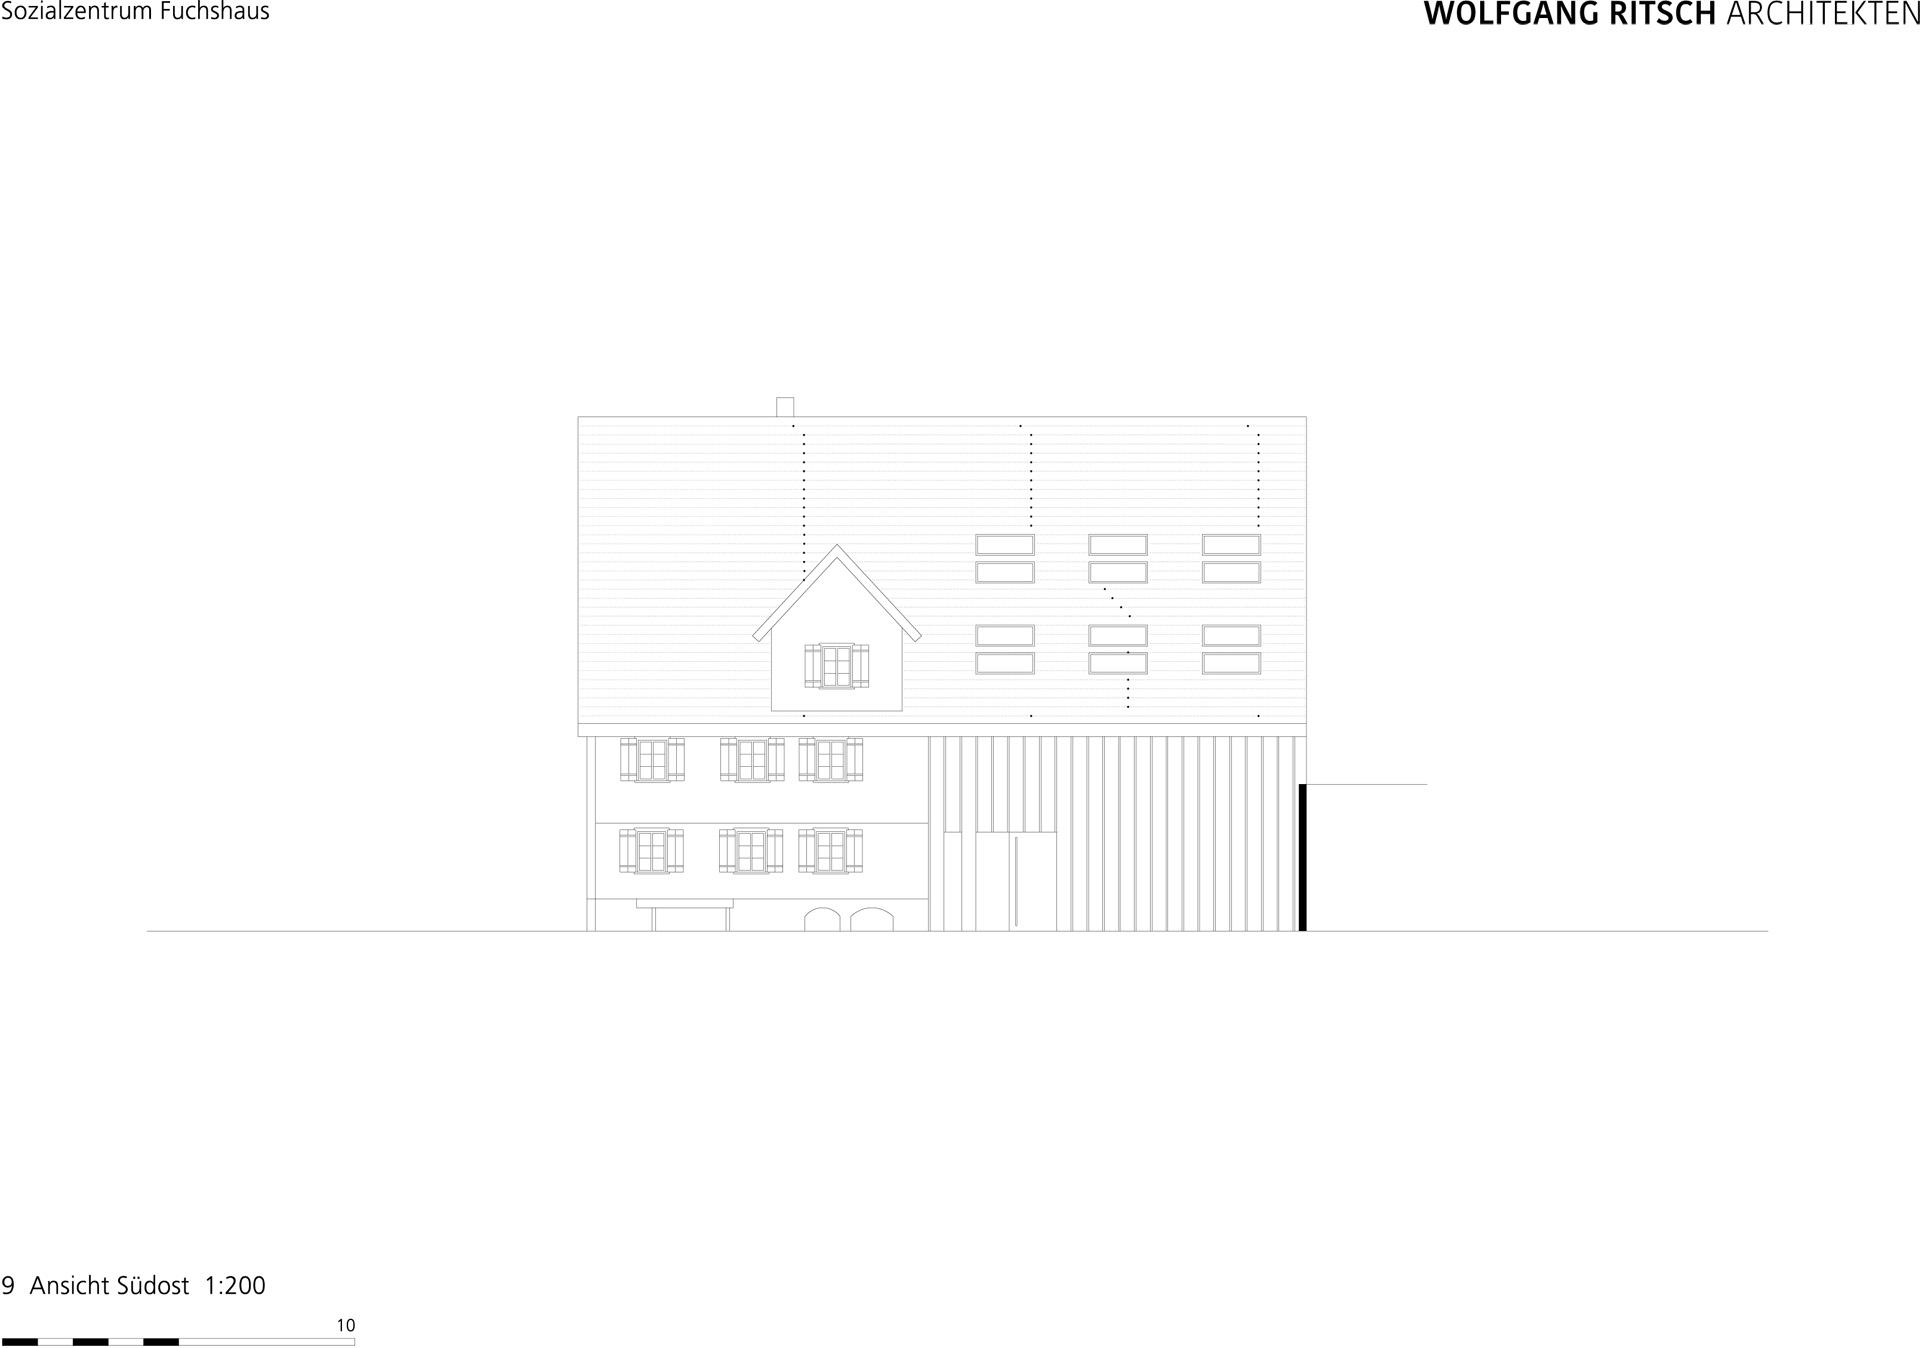 X:PROJEKTE70002750 Fuchshaus2-PUBLIPLAN20-dwg920_AN_S.dost